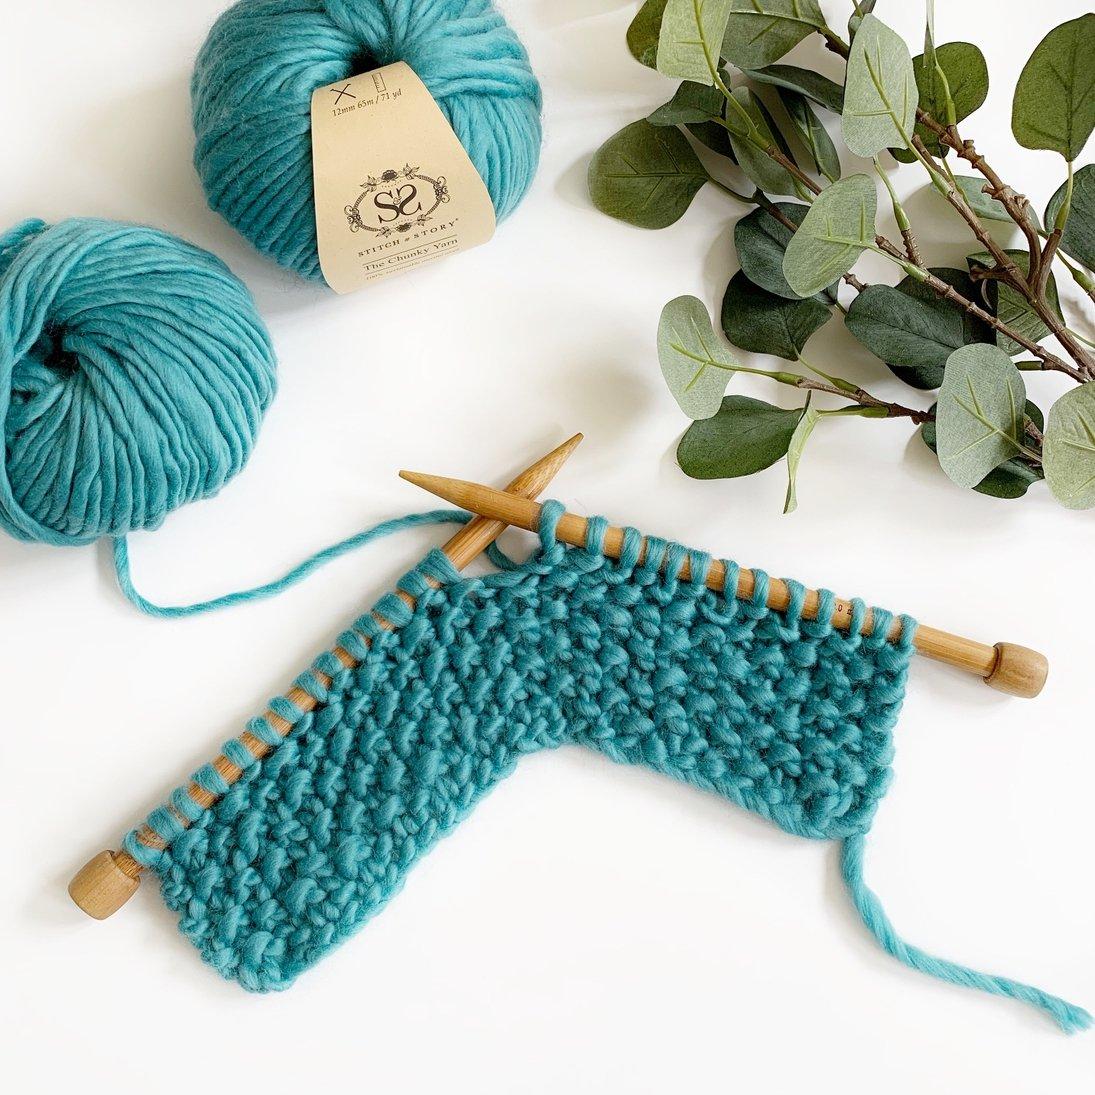 Knitting Kit - Teal Cowl